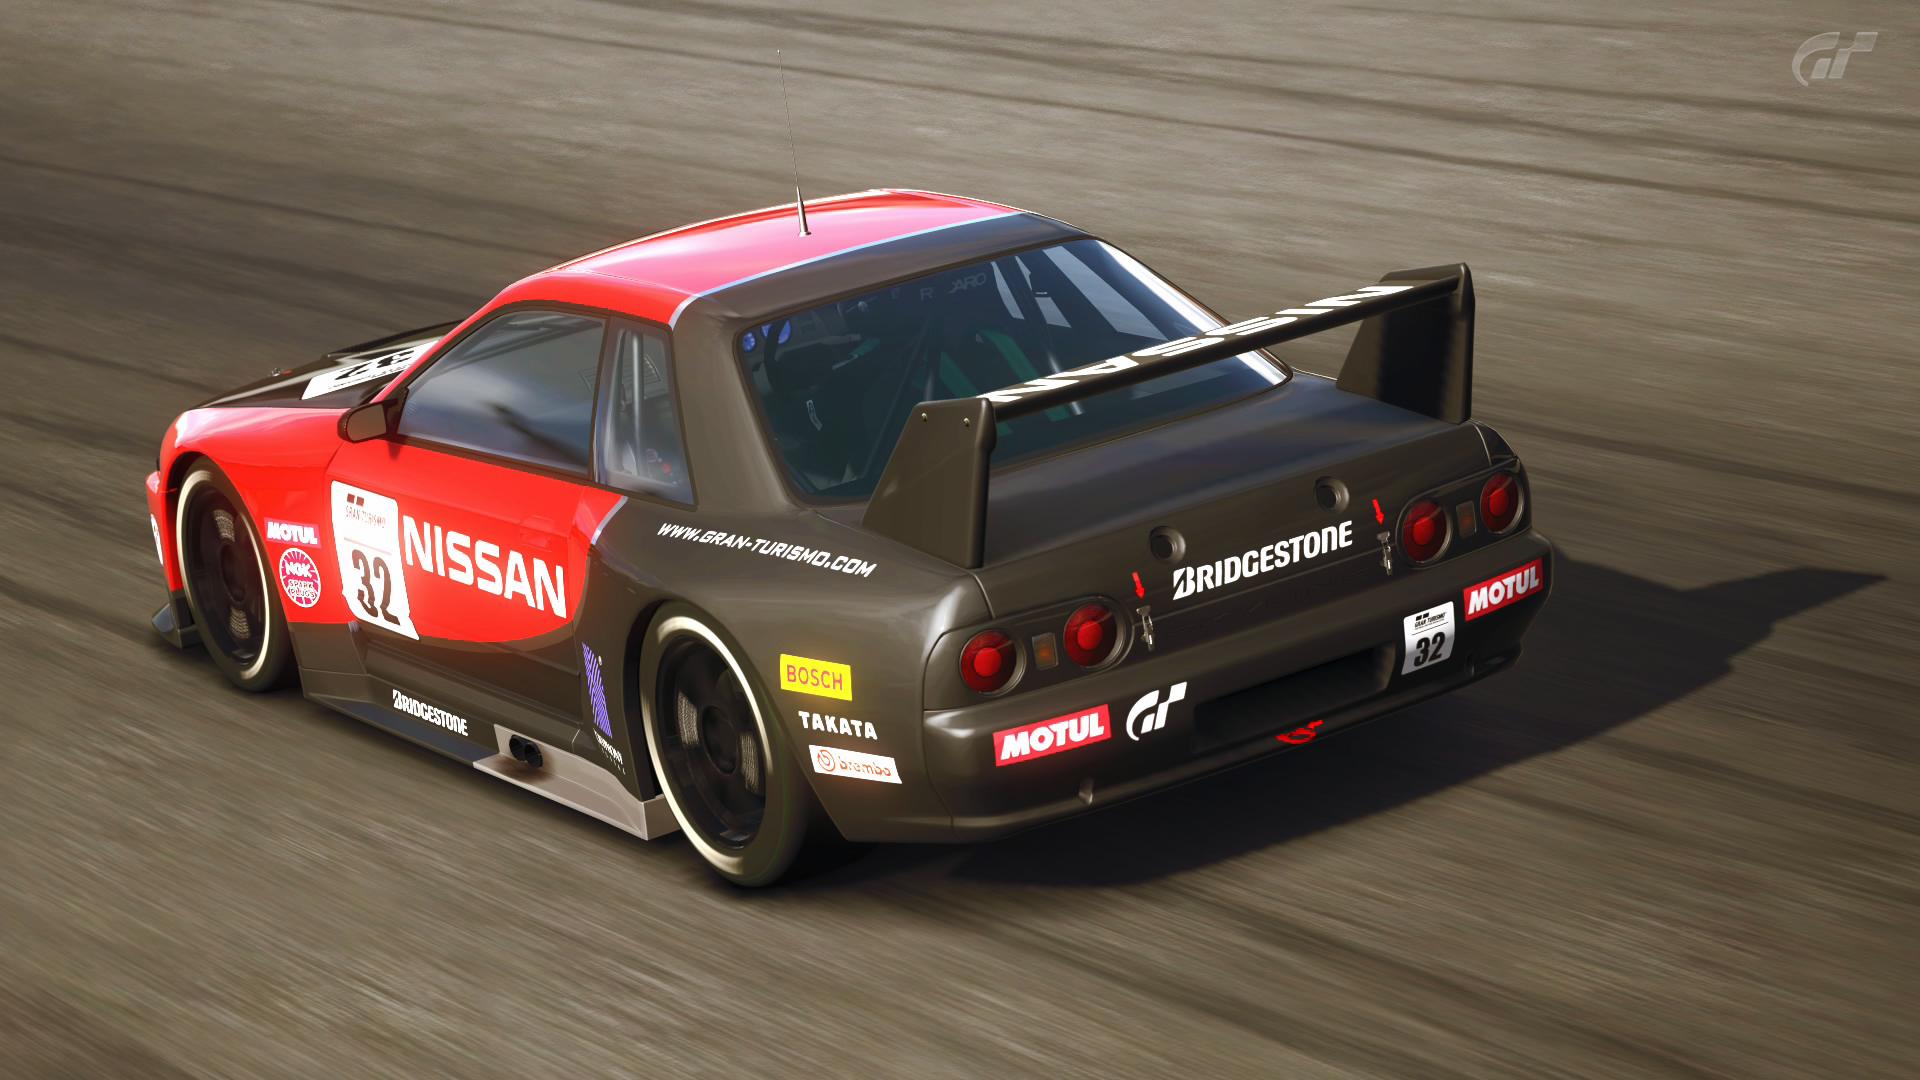 в каких гонках есть nissan skyline r32